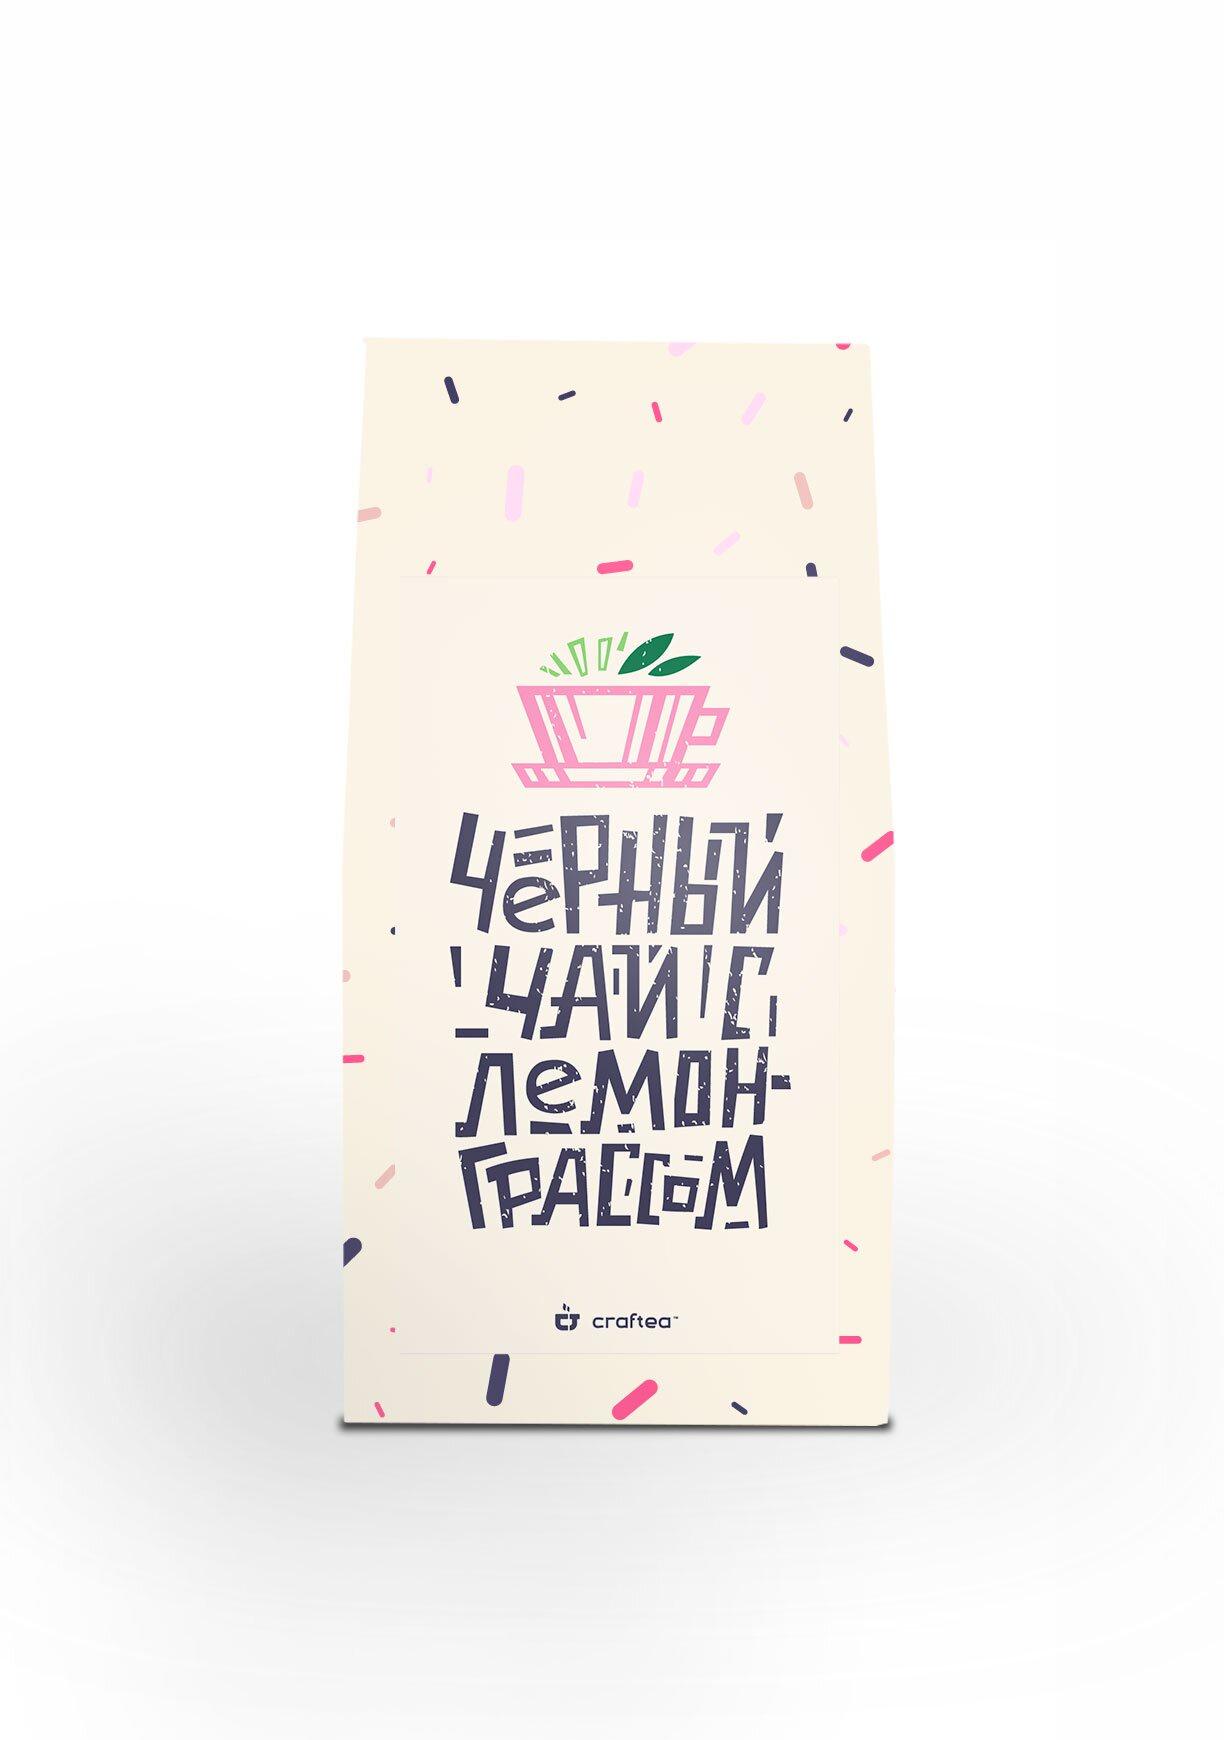 Чай листовой craftea Черный чай с лемонграссом, 50